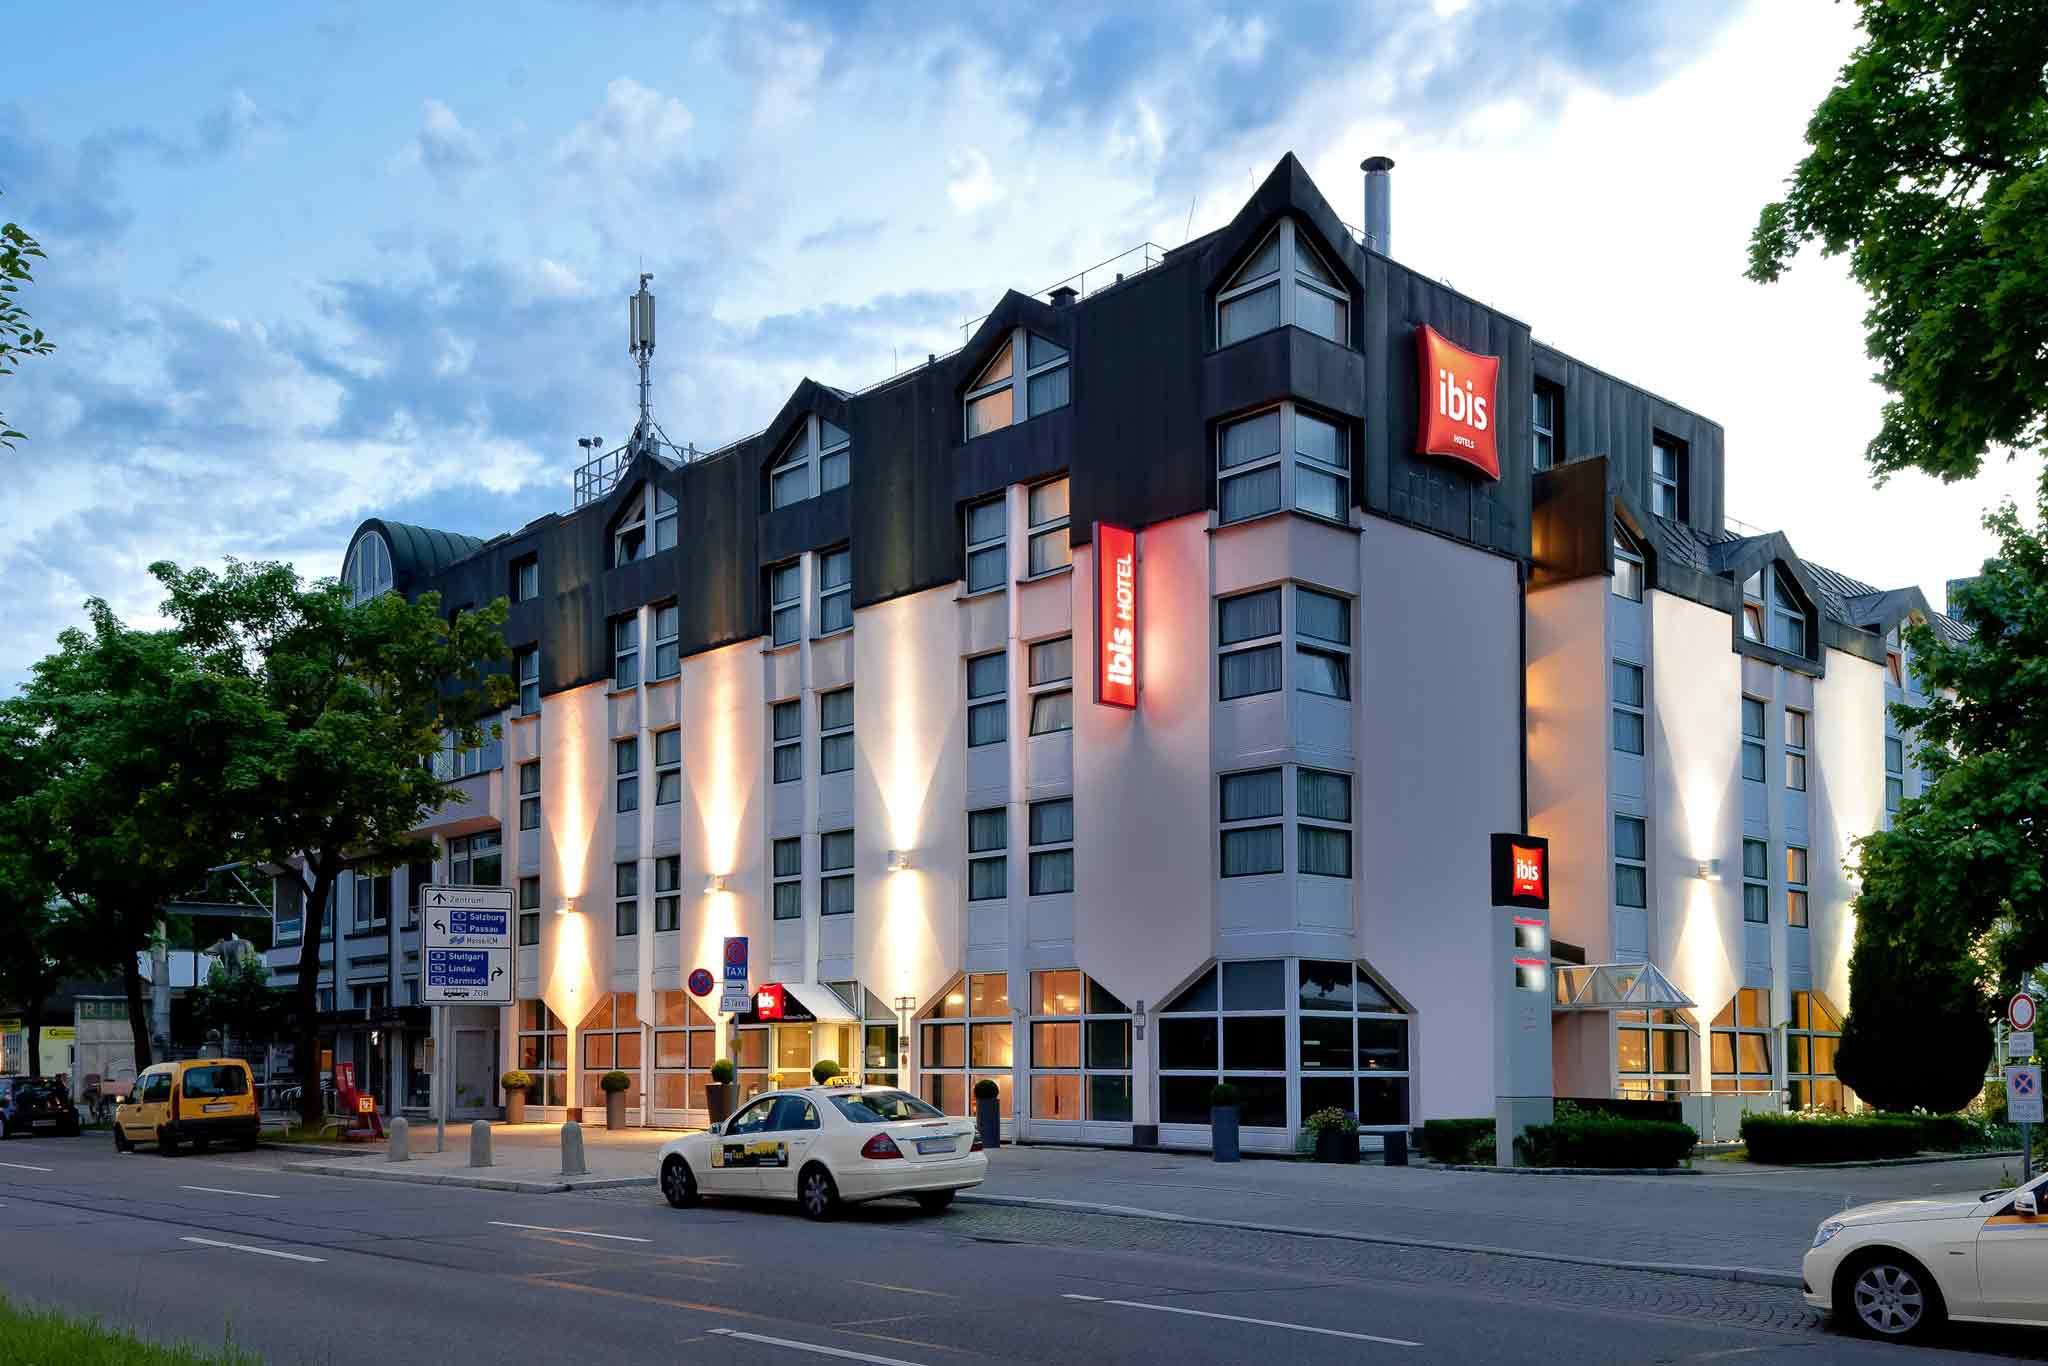 호텔 – 이비스 뮌헨 시티 노드